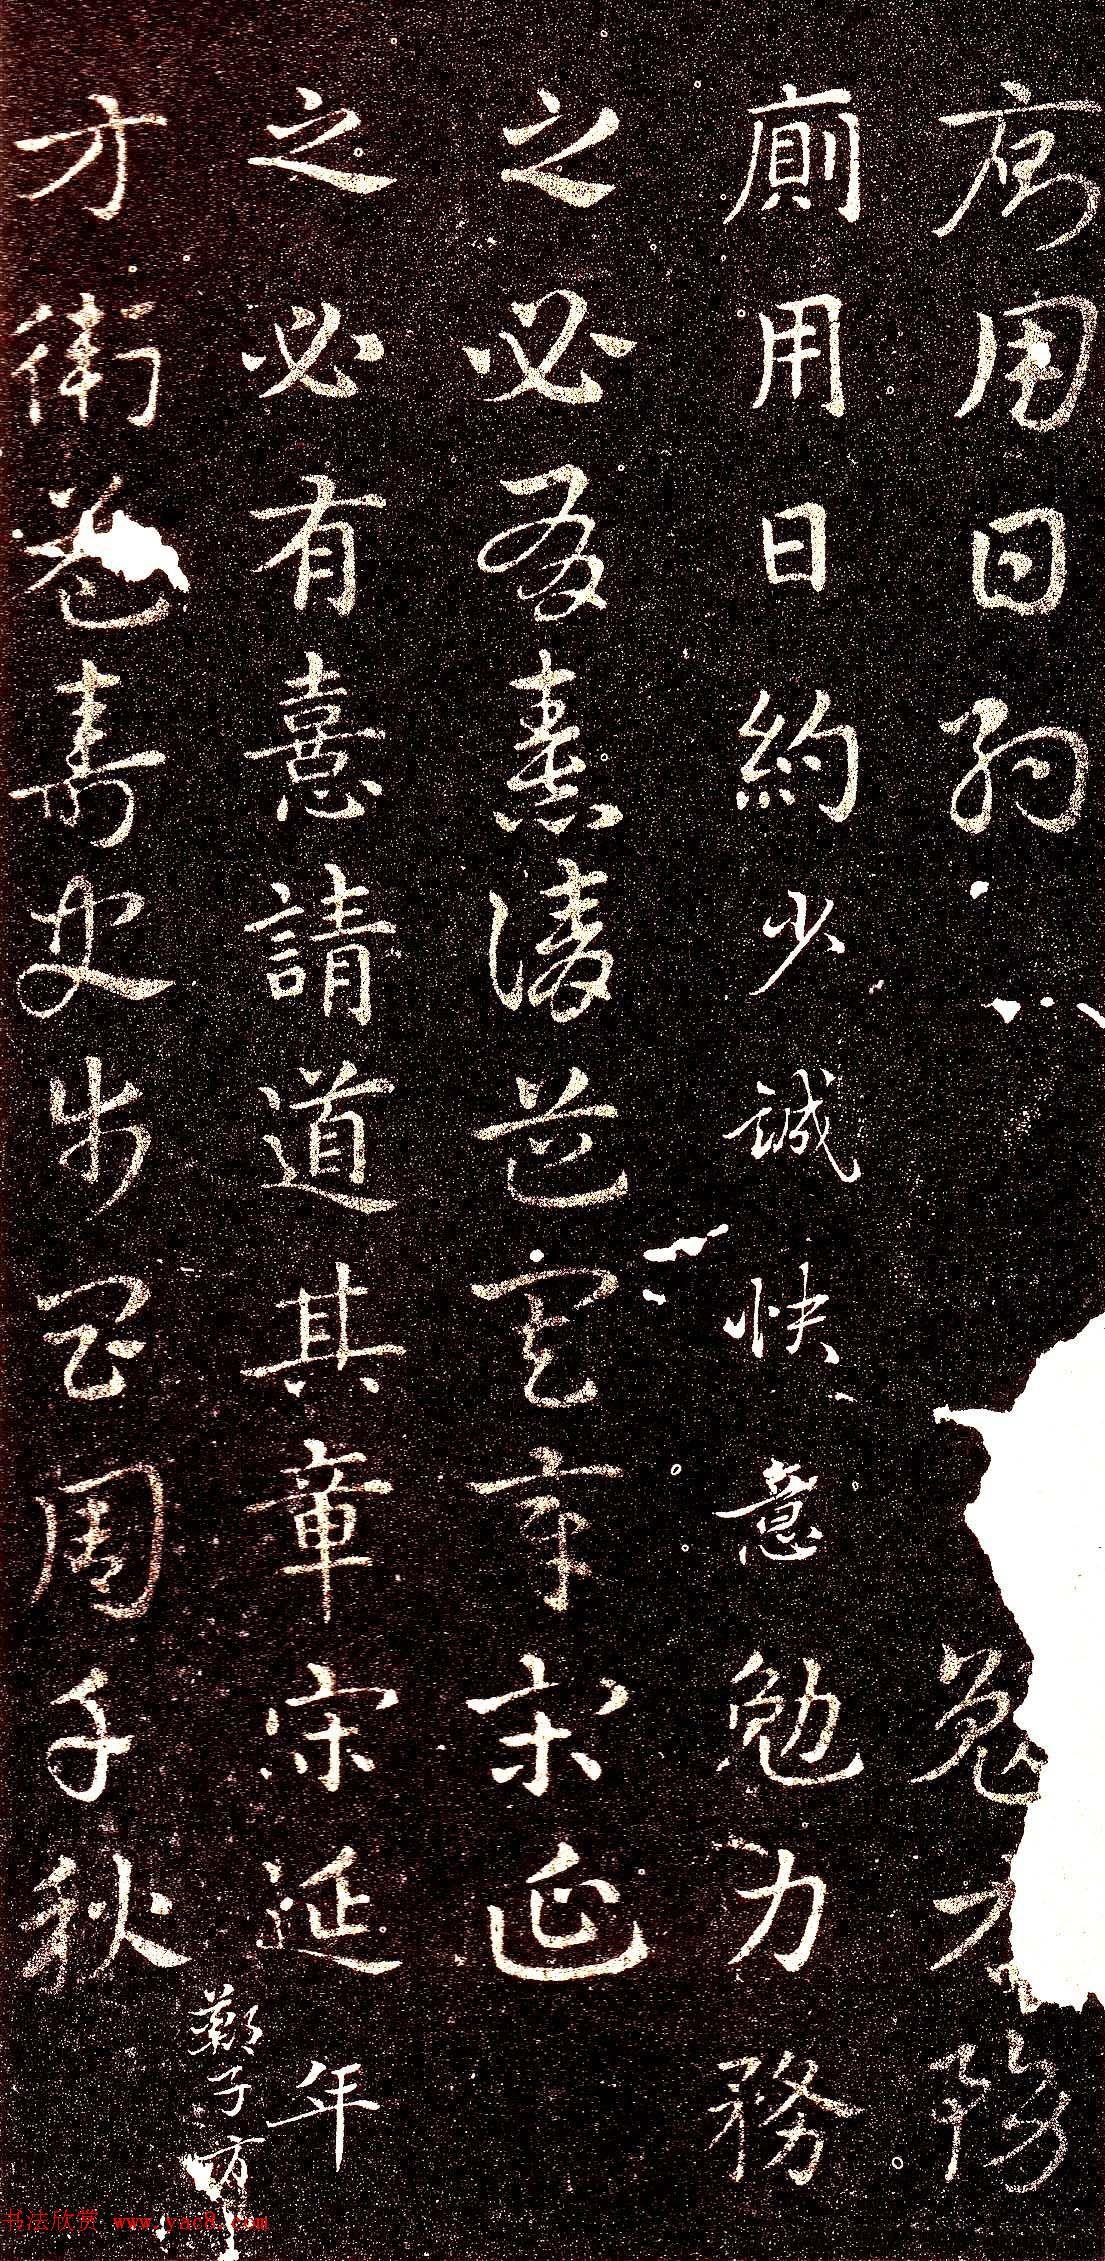 西晋著名书法家索靖章草《急就章》